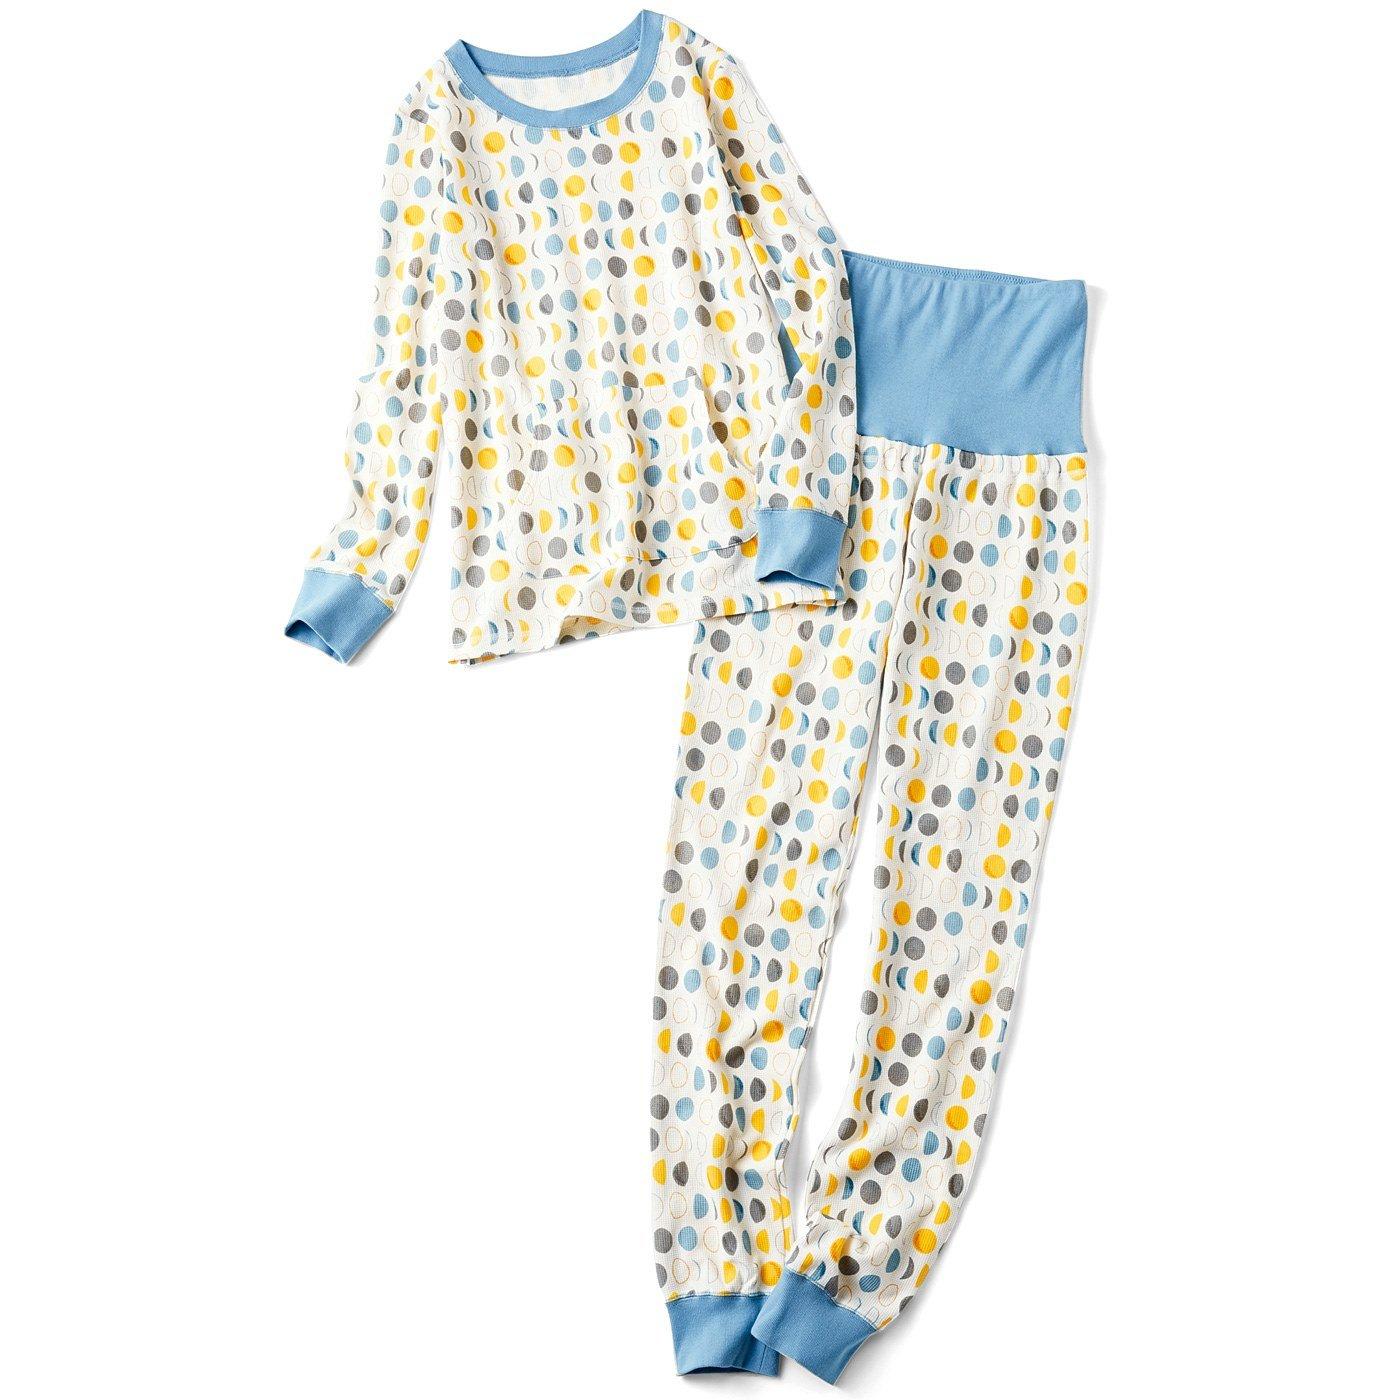 リブ イン コンフォート 着心地やわらか お月さま柄のワッフルパジャマ〈みちかけ〉